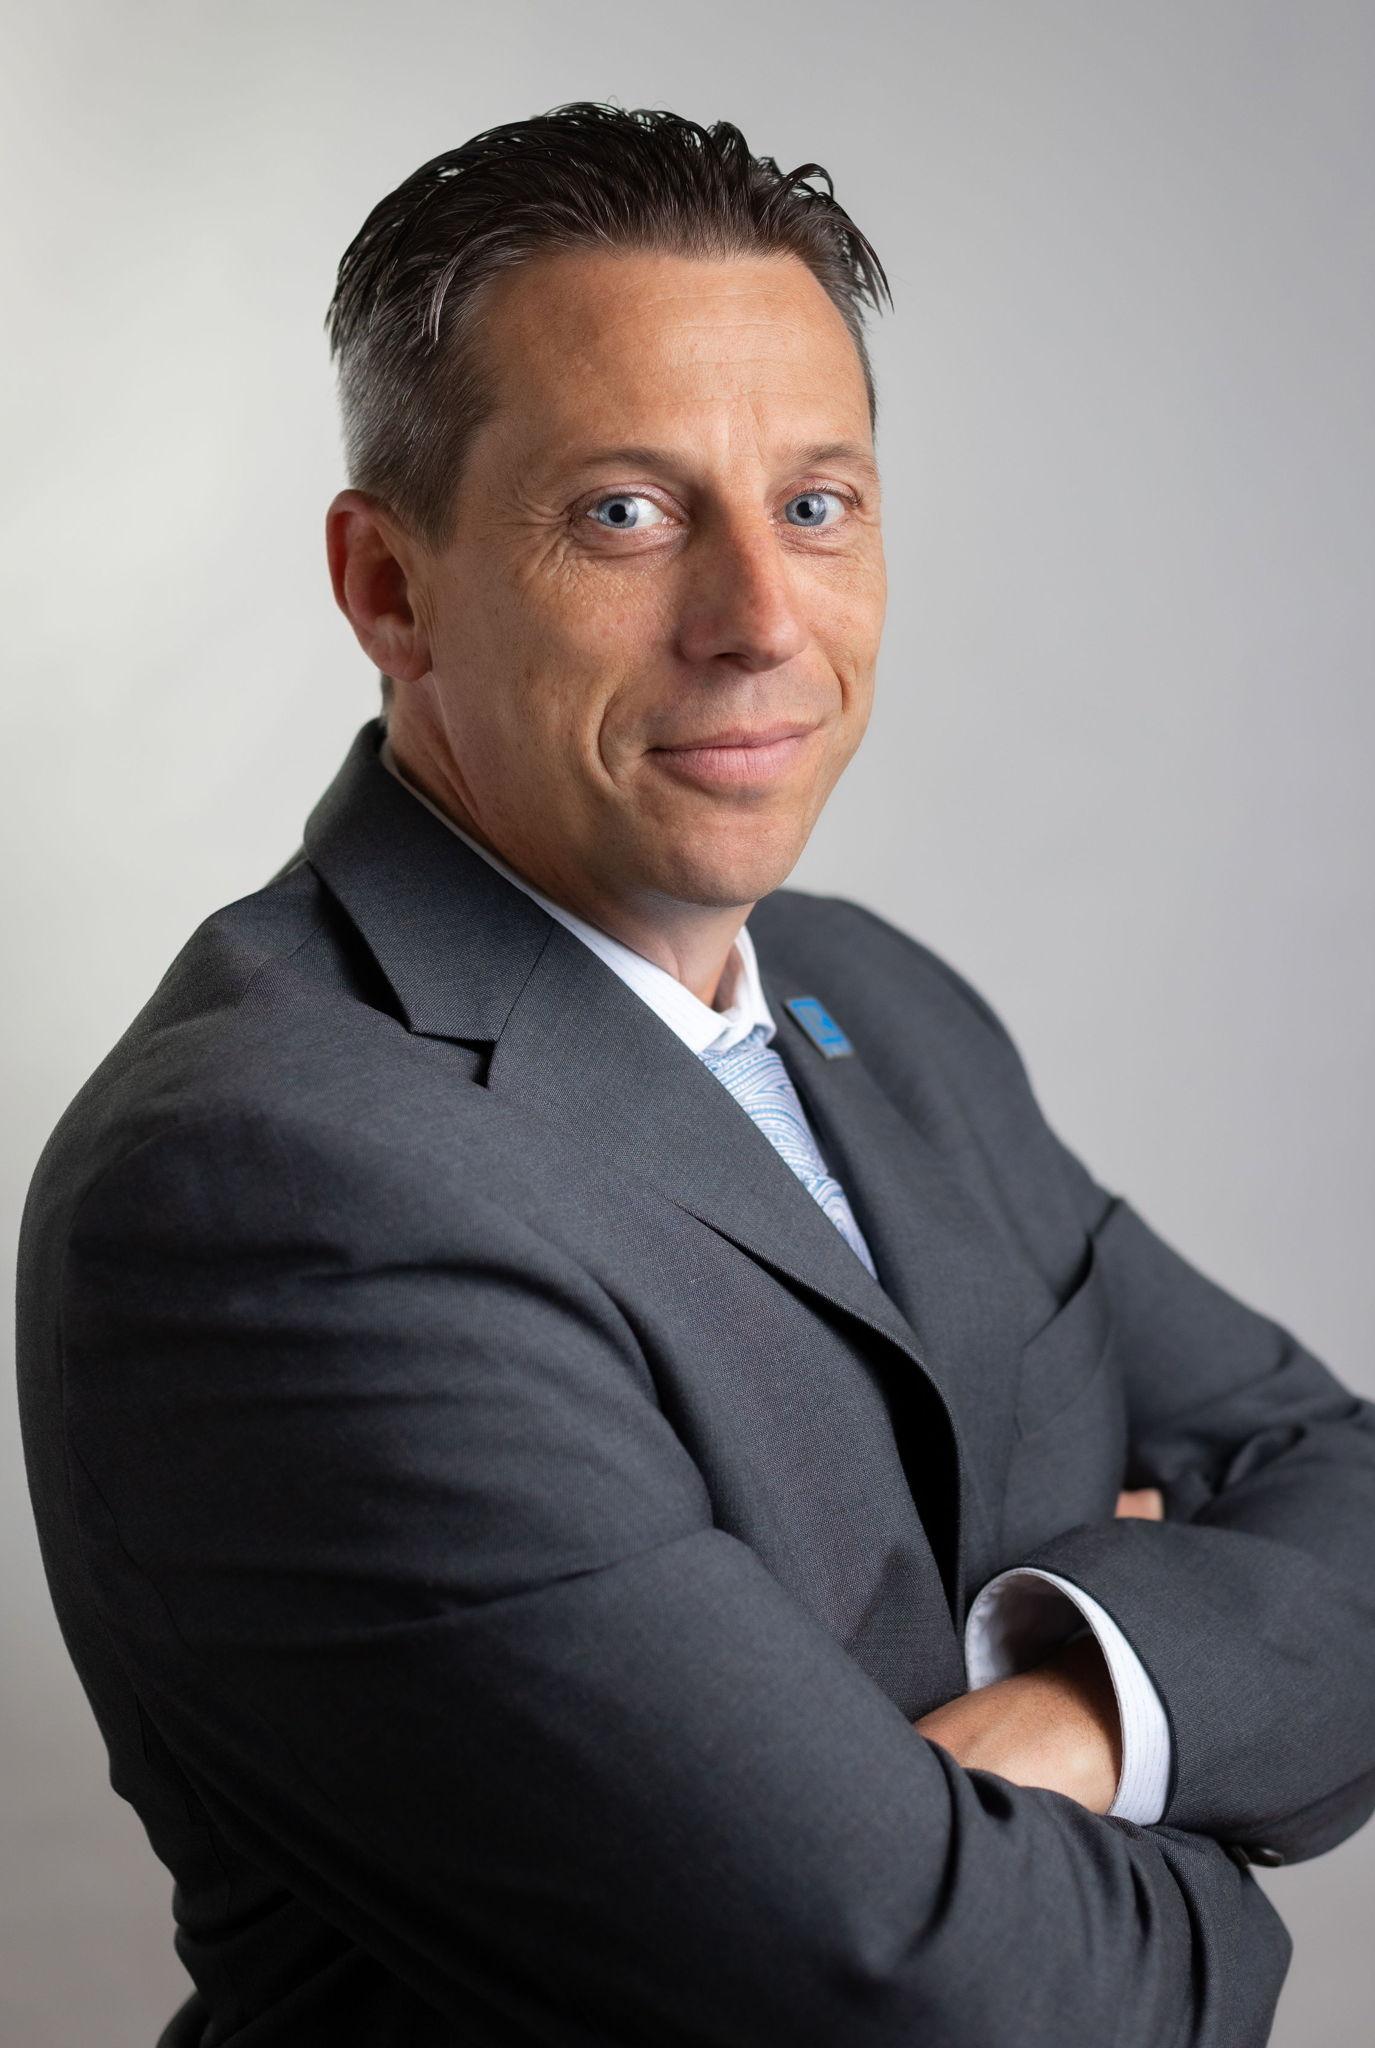 Kevin VanderZicht